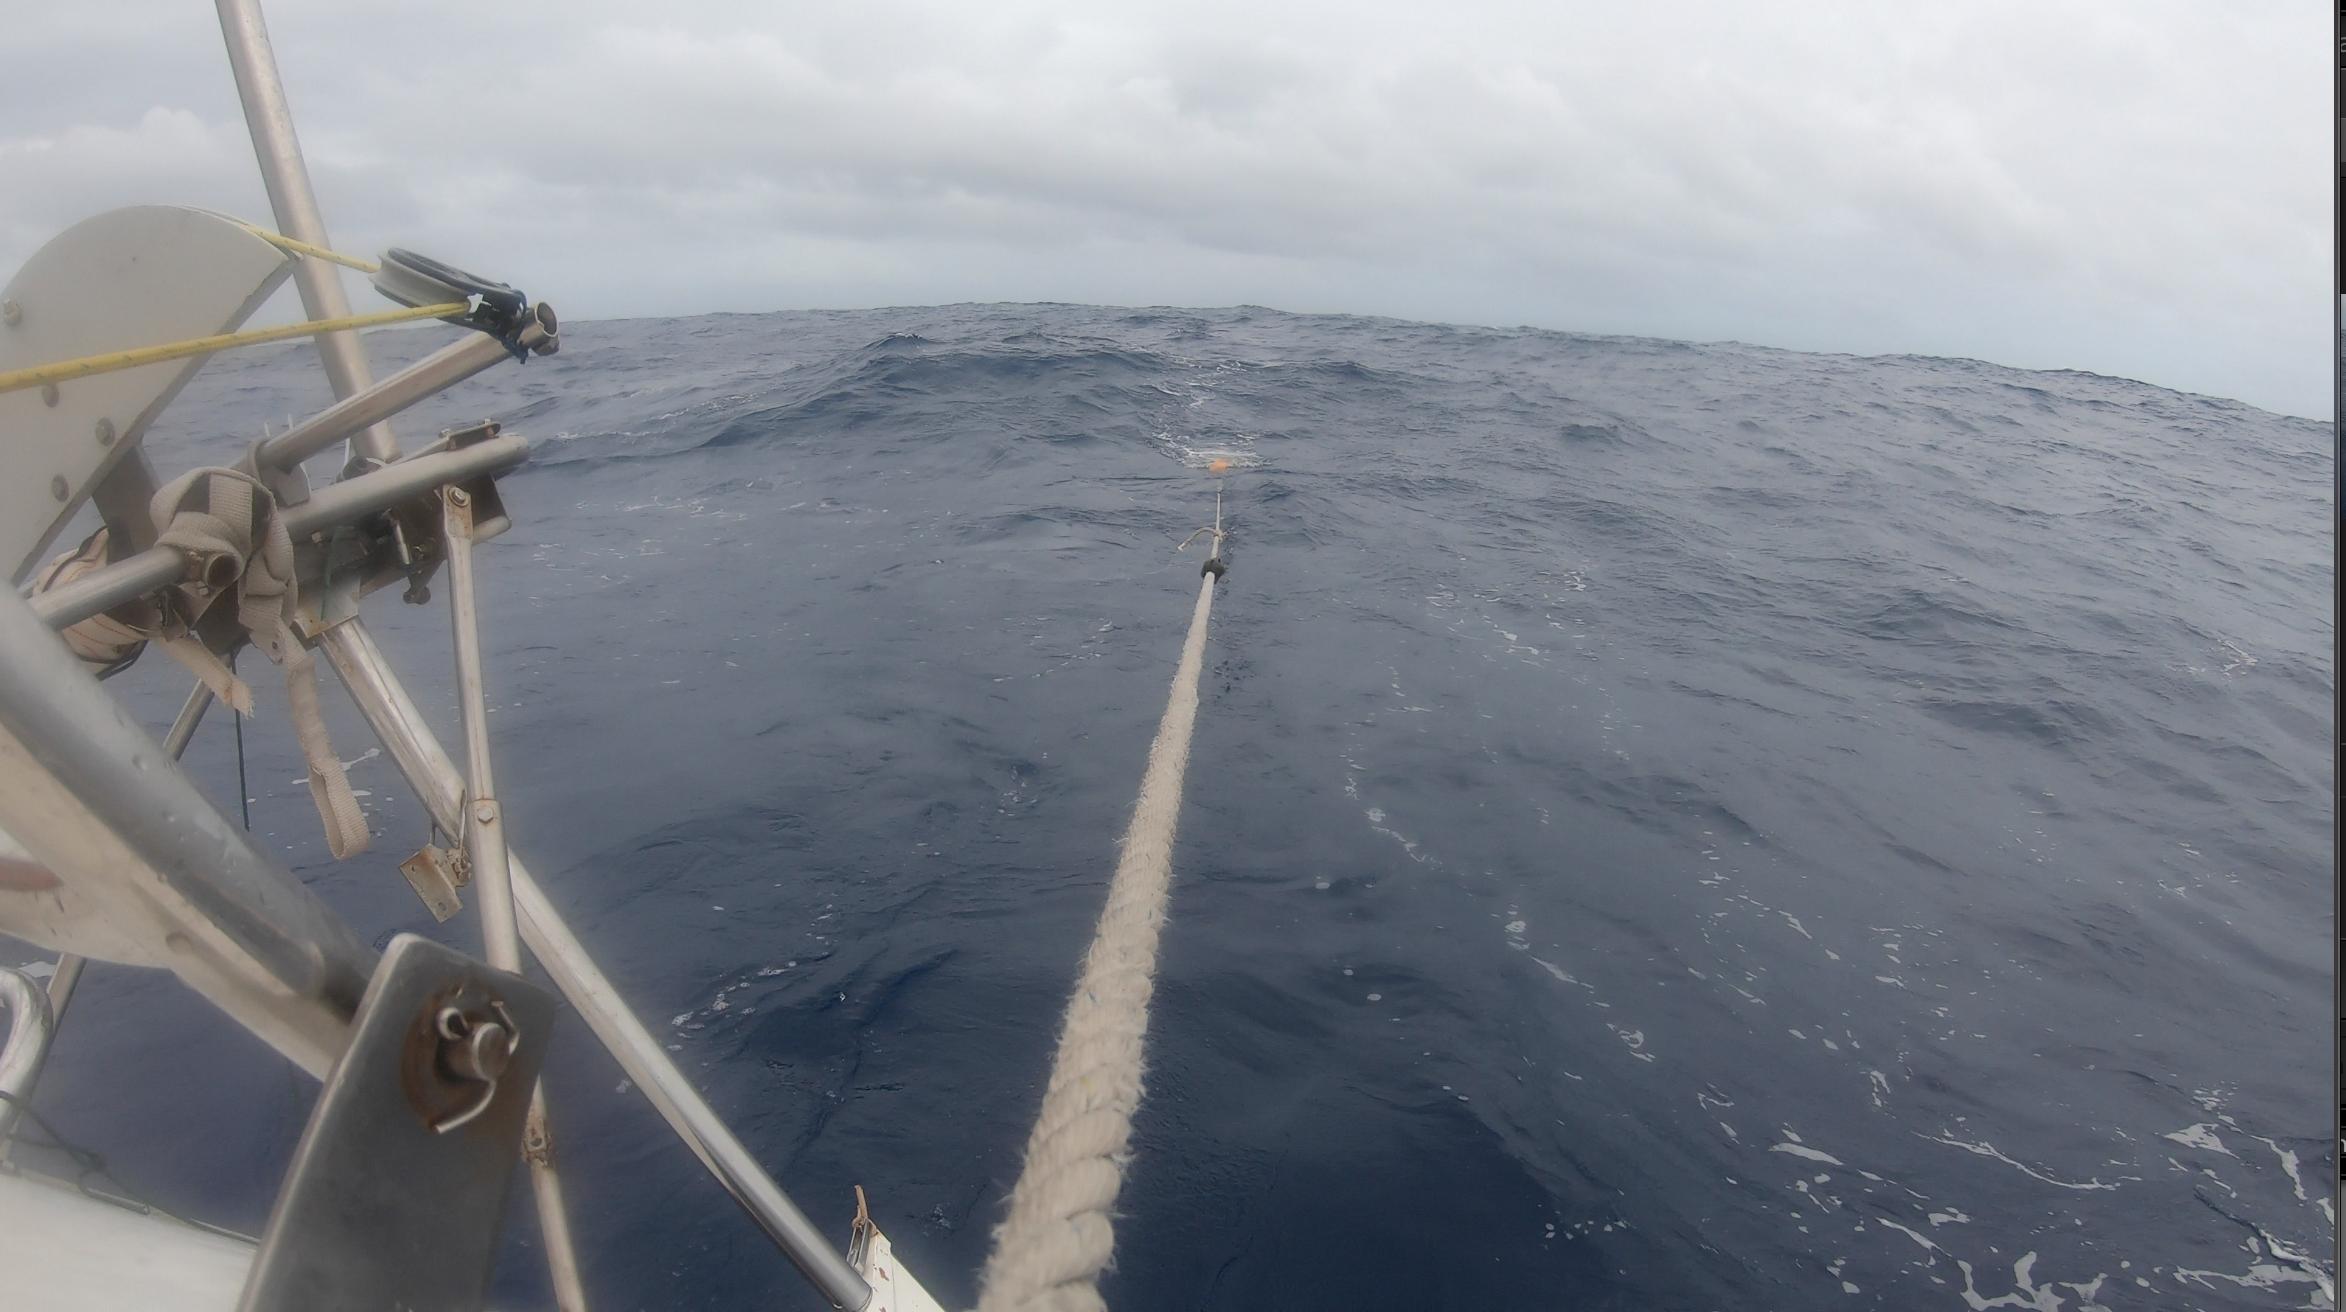 Le filet à plancton est à l'eau, c'est parti pour 15 min de prélèvement à vitesse réduite de 2-3 noeuds. Pour respecter cette vitesse, nous enroulons le génois jusqu'à... ce qu'on soit à sec de toile... l'atlantique est un vrai tapis roulant!